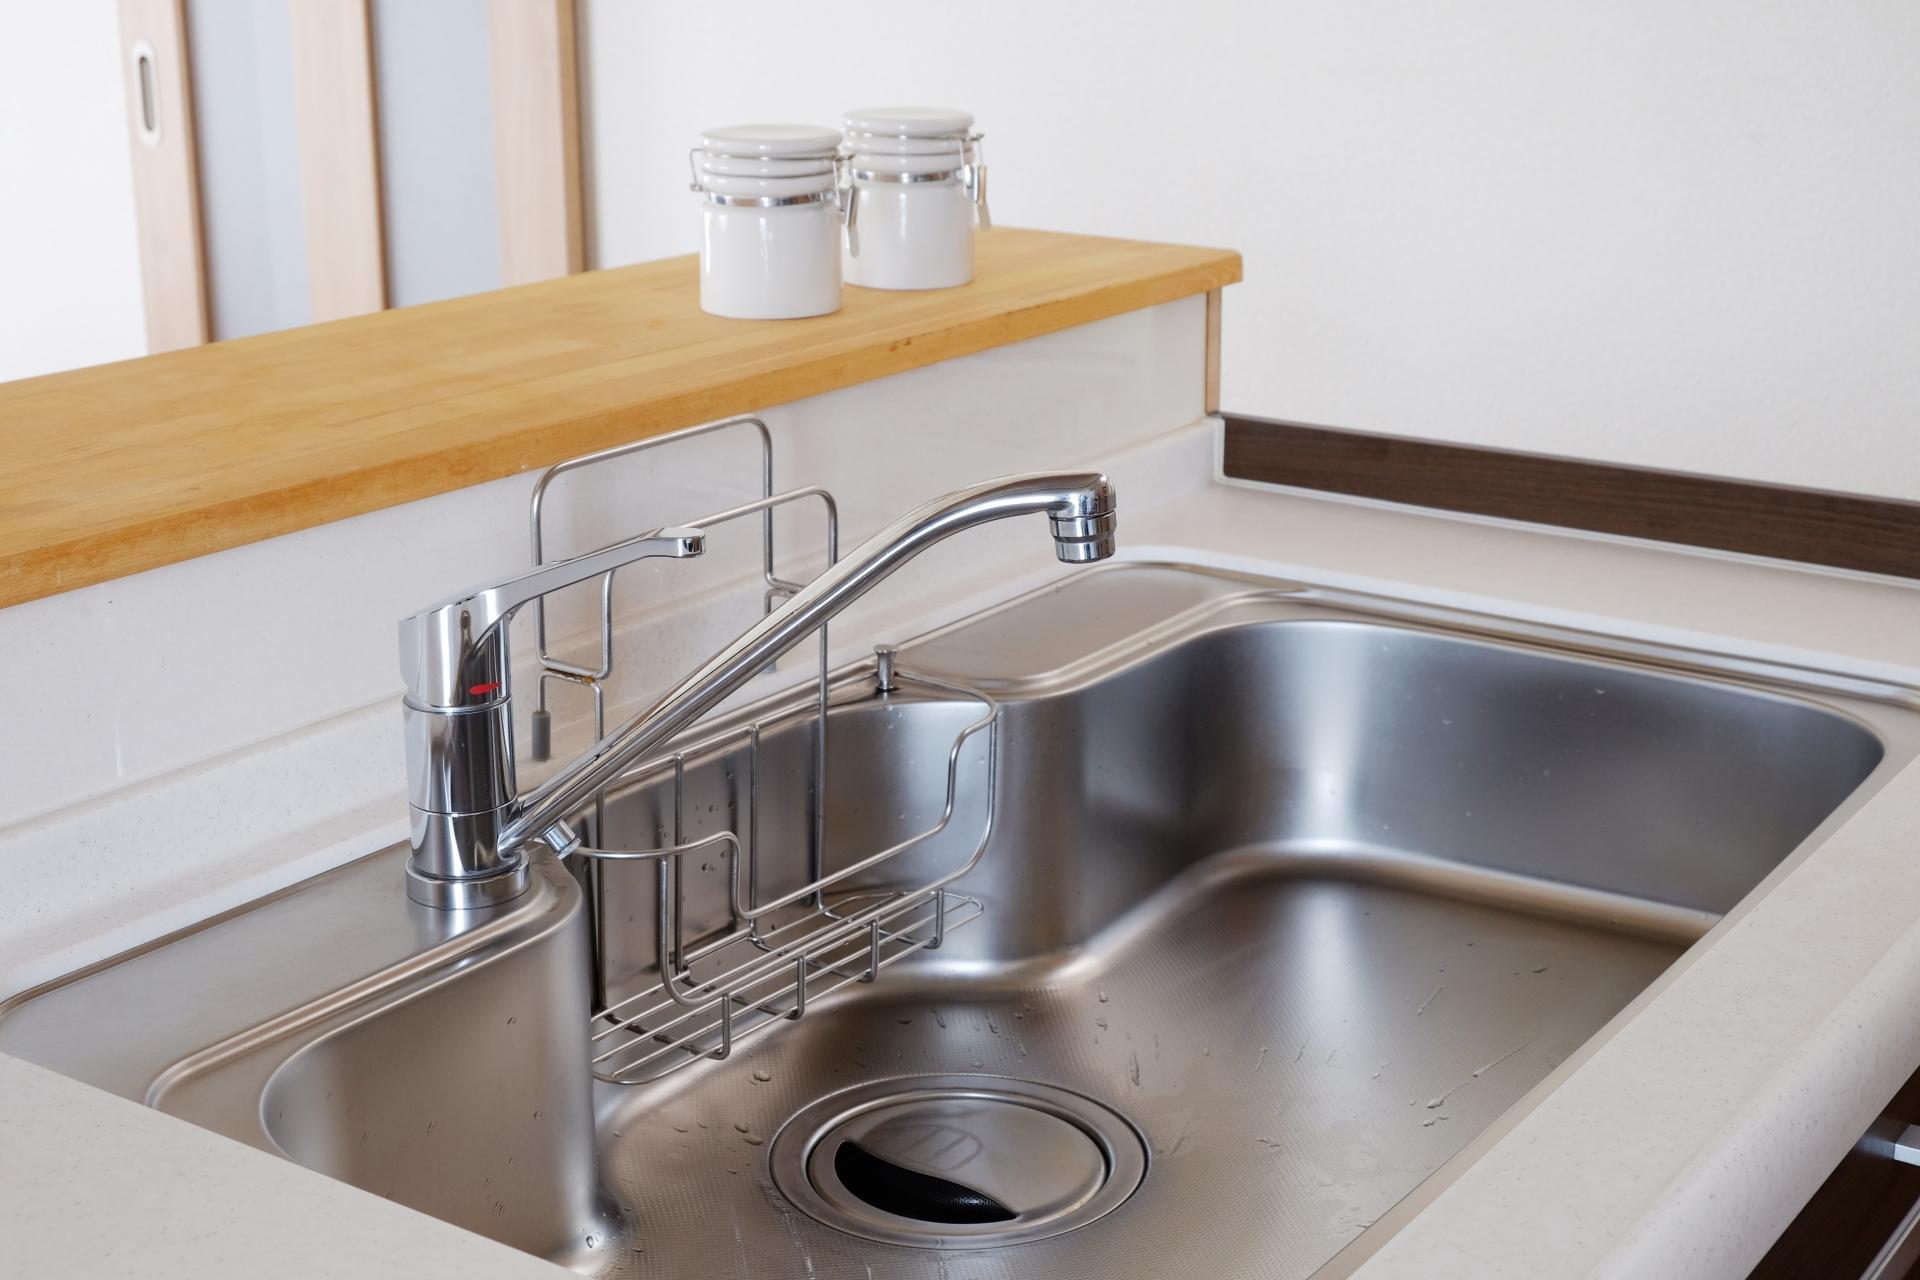 お酢を台所用石けんで洗うと、ベタベタするのは何故?